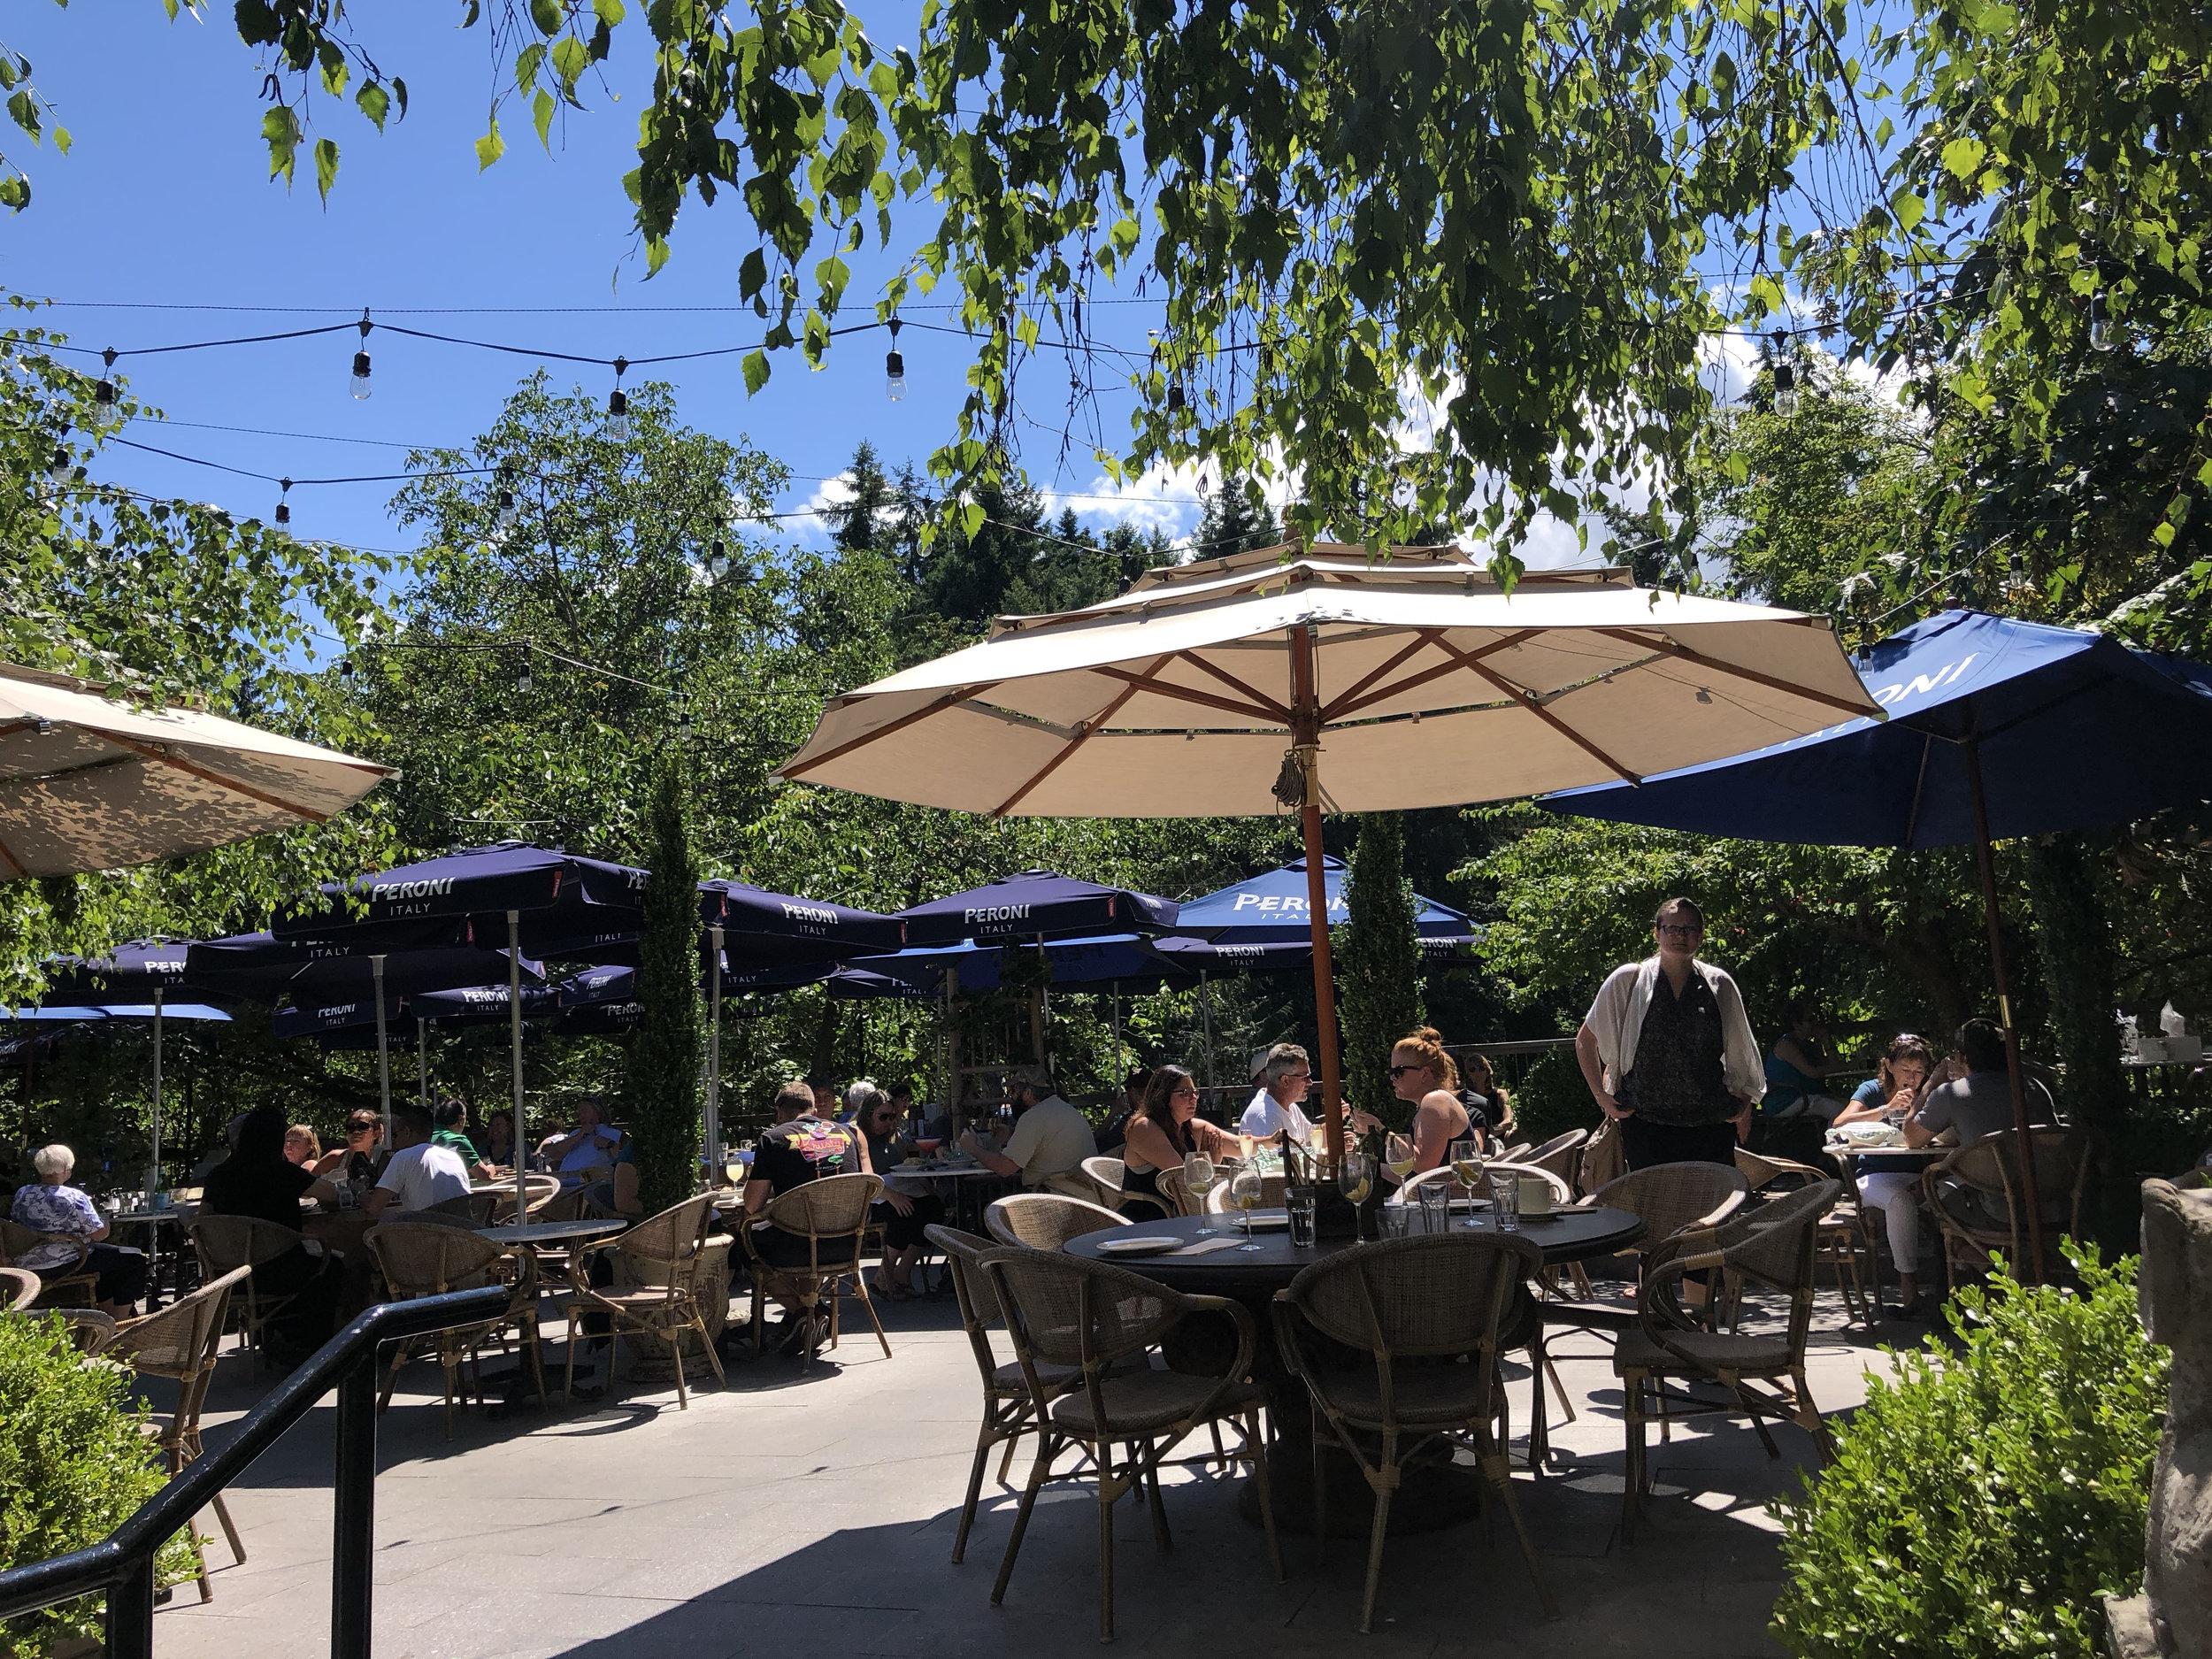 The patio at Cuckoo Trattoria & Pizzeria